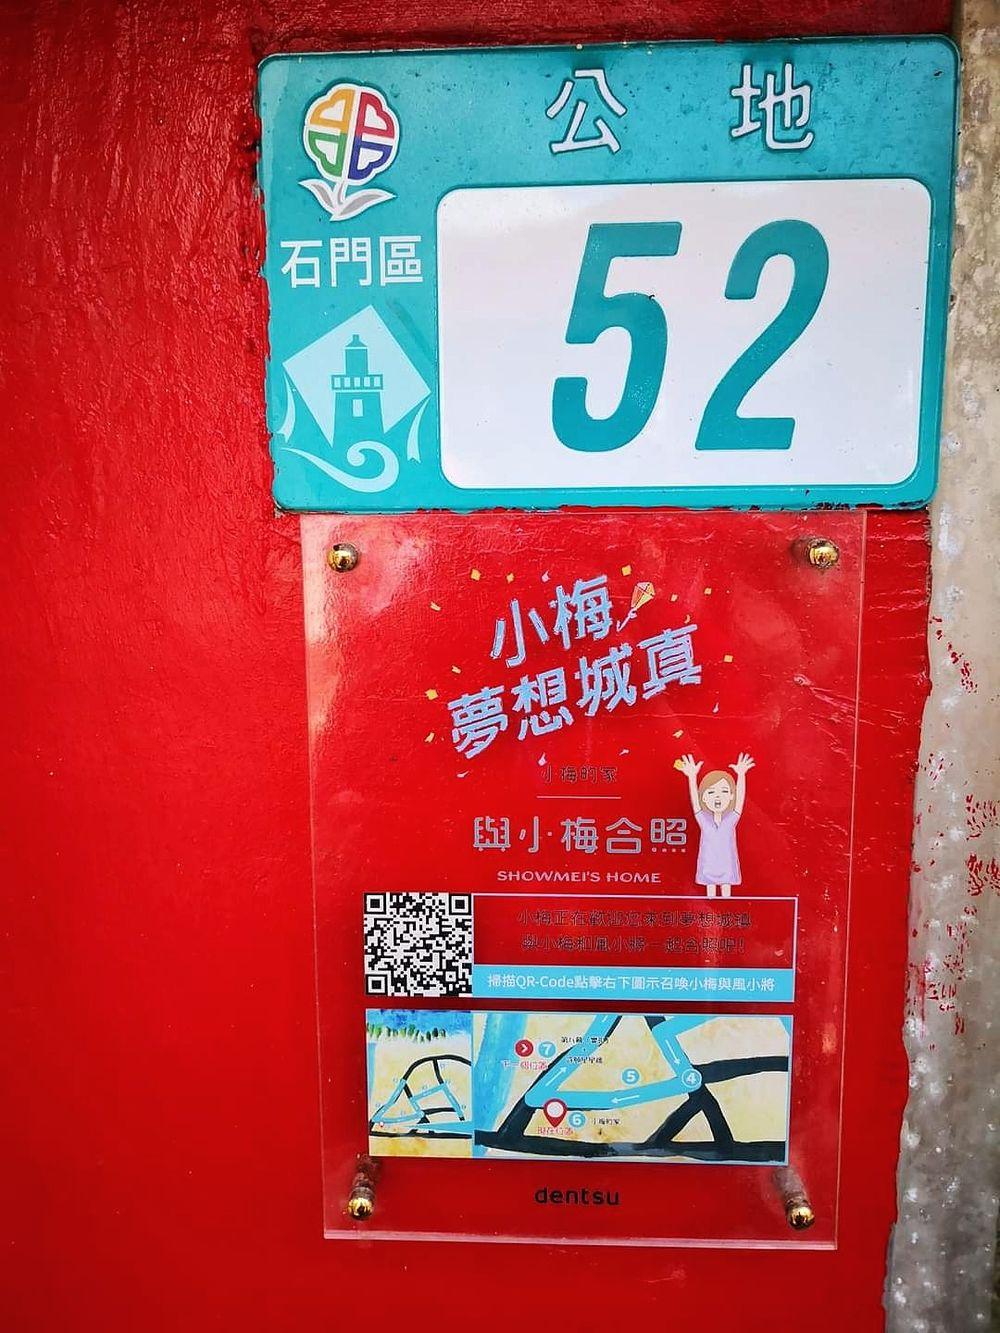 【2021北海岸一日遊】老梅綠石槽彩繪小鎮「小梅夢想城真」全台灣第一座多媒體繪本城鎮 吃貨旅遊作家水靜葳JING找樂子 (45)